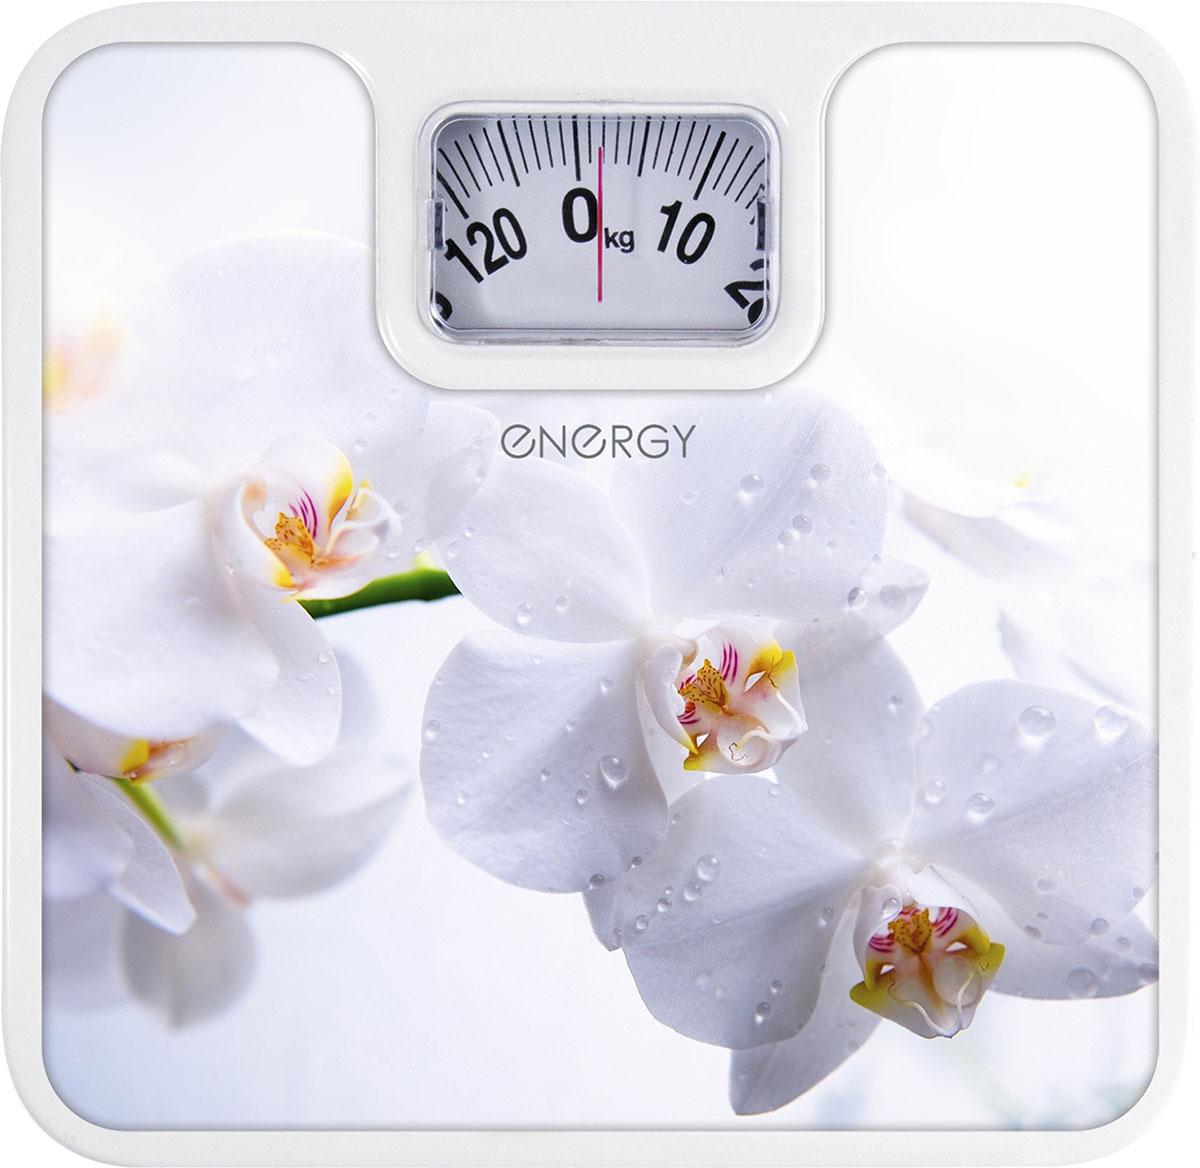 Energy ENМ-409Е напольные весы54 003118Максимальная нагрузка: 120 кгНадежный механизмКрупный шрифт надписей на шкалеЦена деления: 1 кг